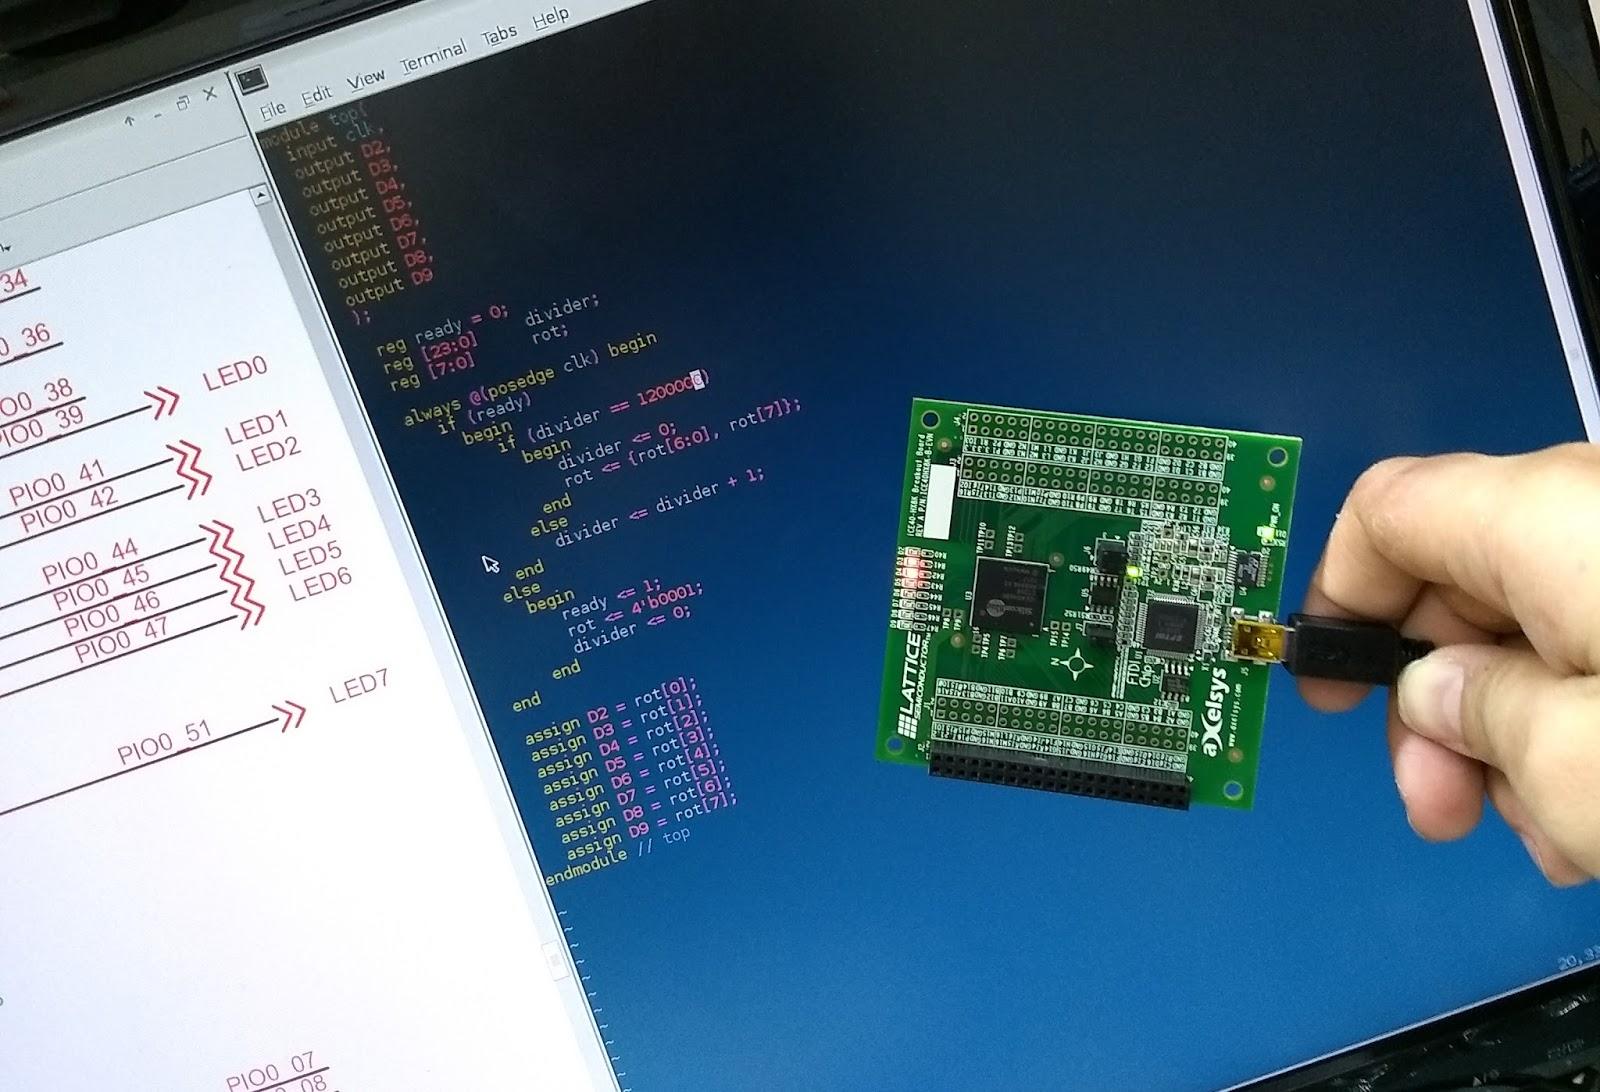 Cdigo Tips Y Programas Varios La Primera Fpga Con Soporte Open Usb Campod Breakout Board For Cnc Machine Control Concluyendo